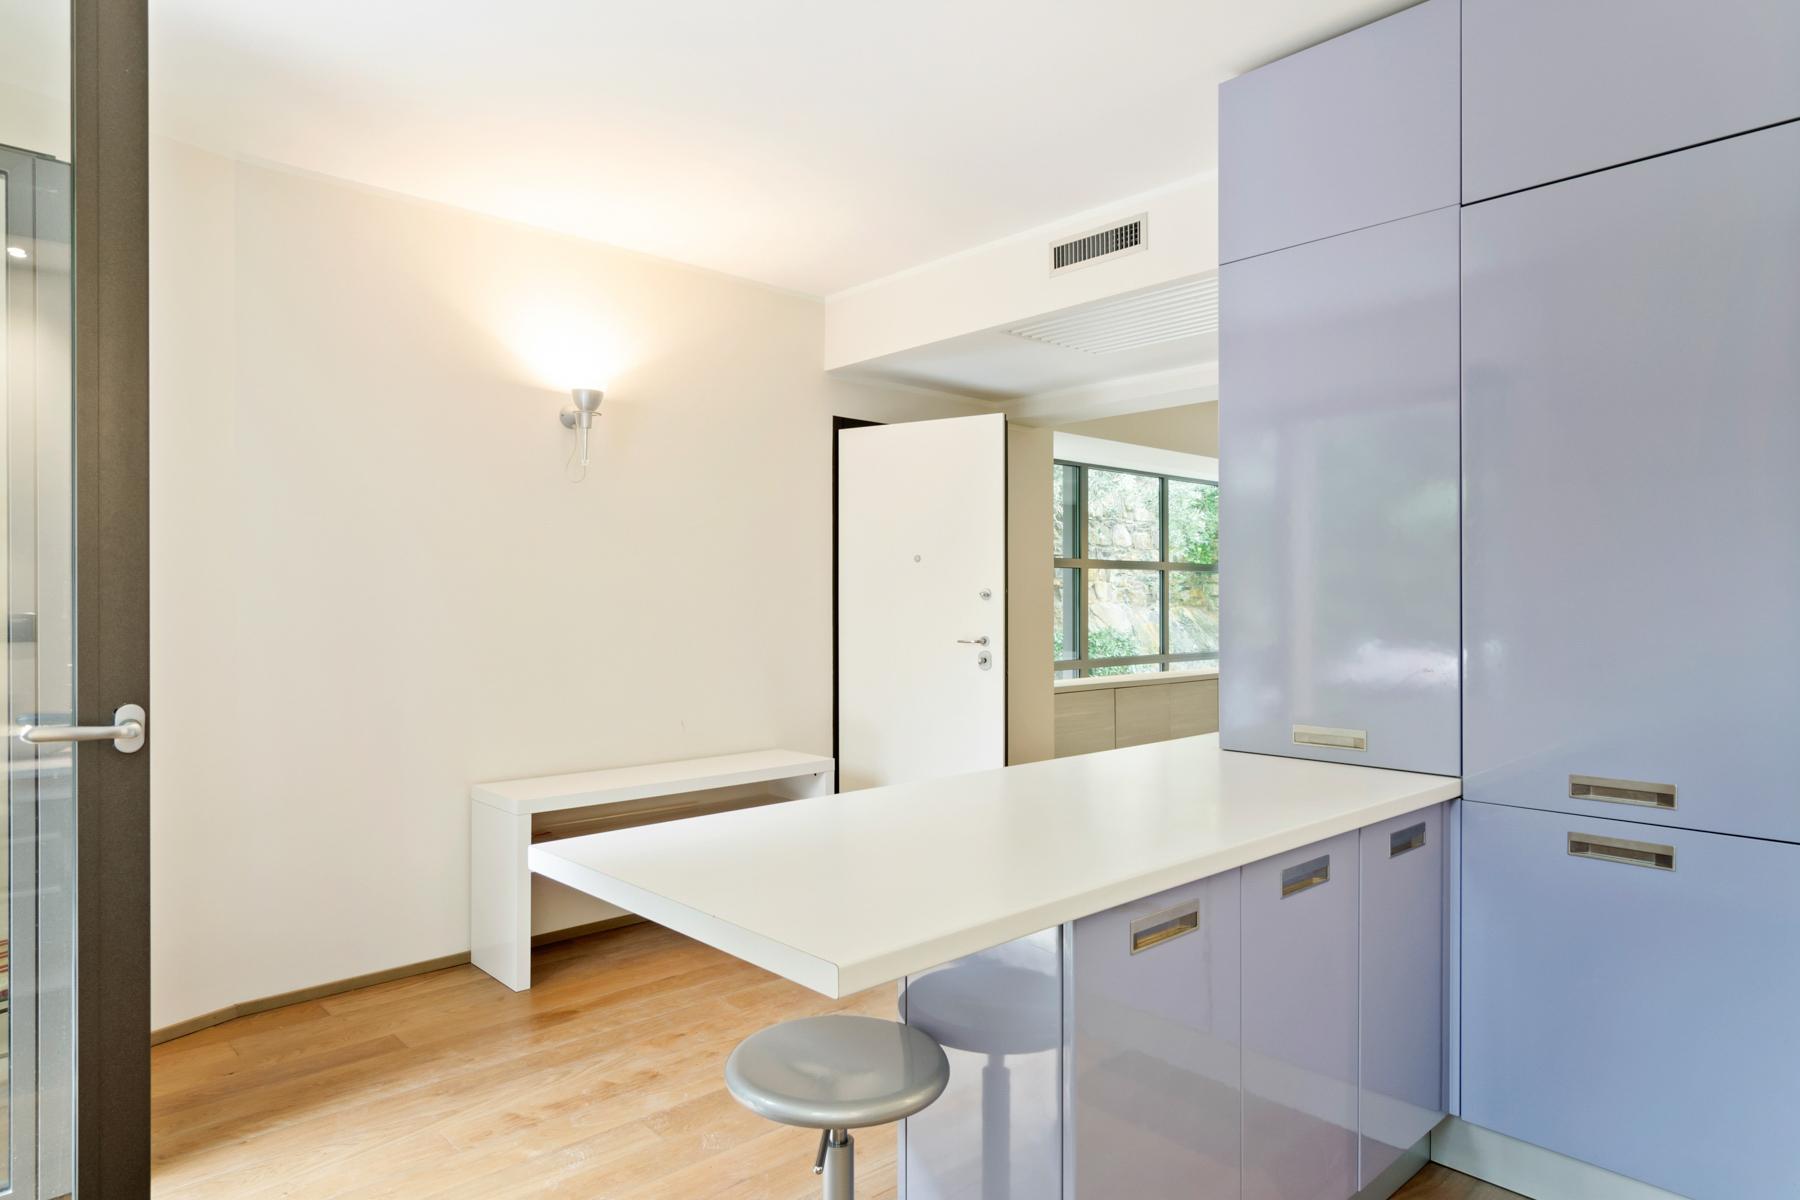 Appartamento in Vendita a Santa Margherita Ligure: 4 locali, 124 mq - Foto 20